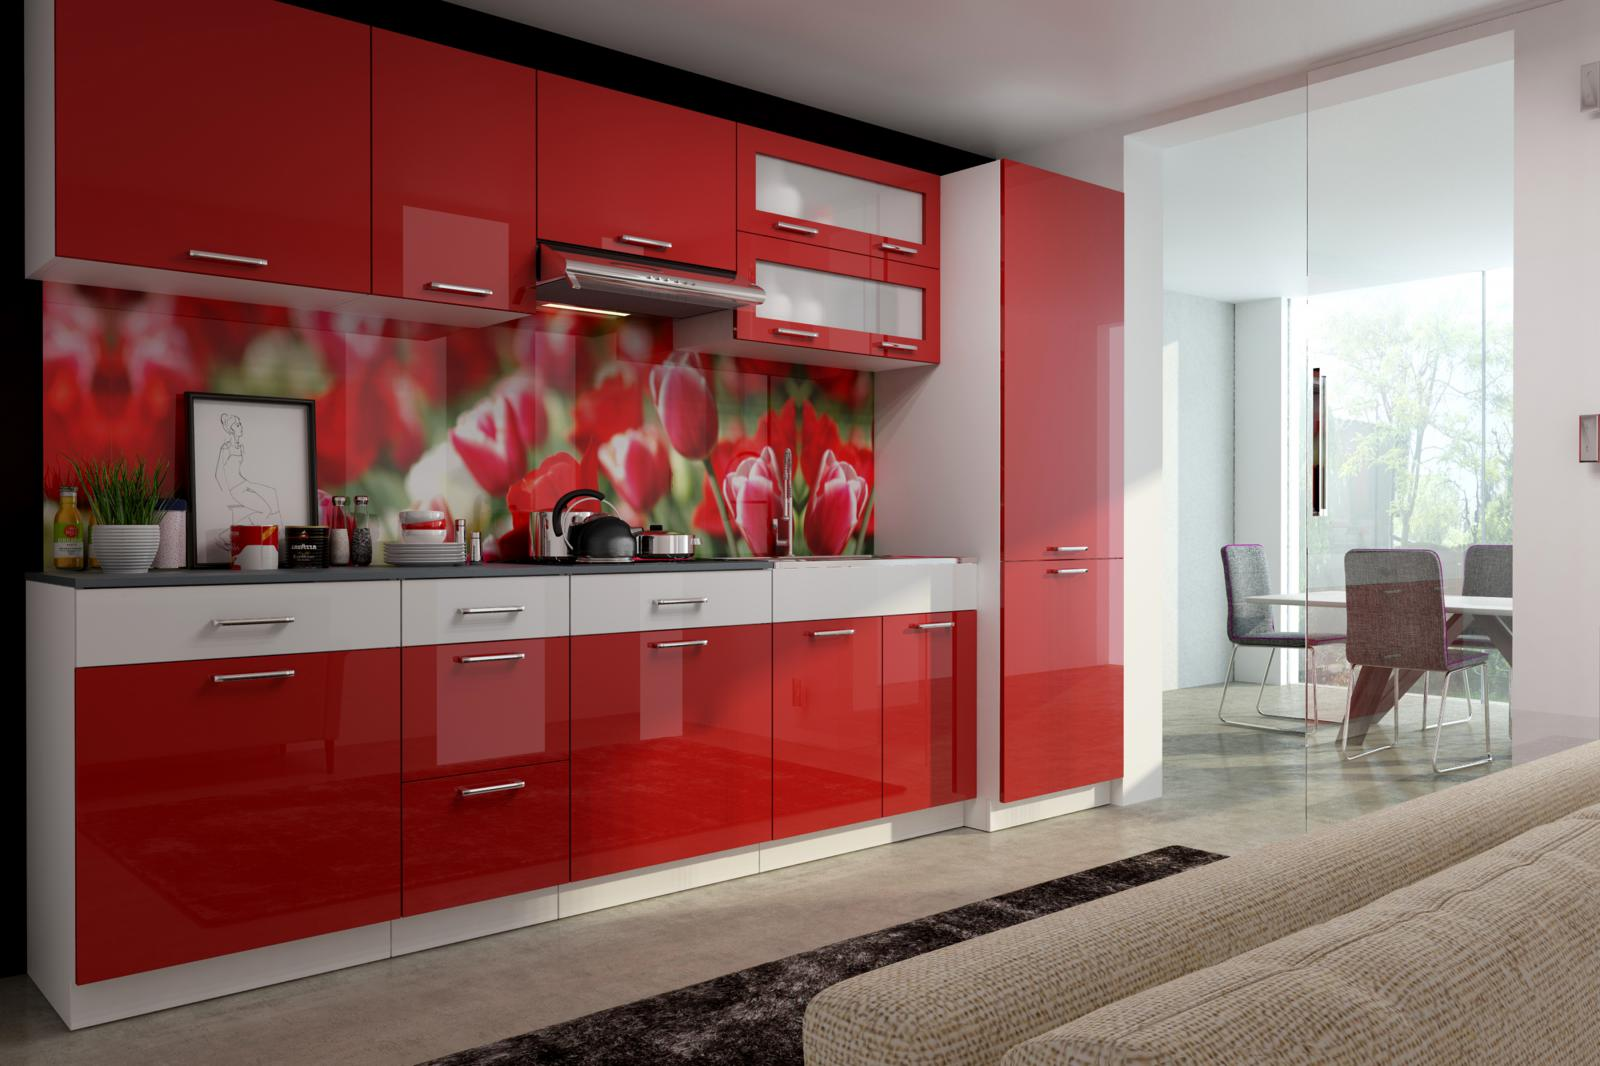 Kuchyňská linka Sanader 300 červený lesk/bílý pruh